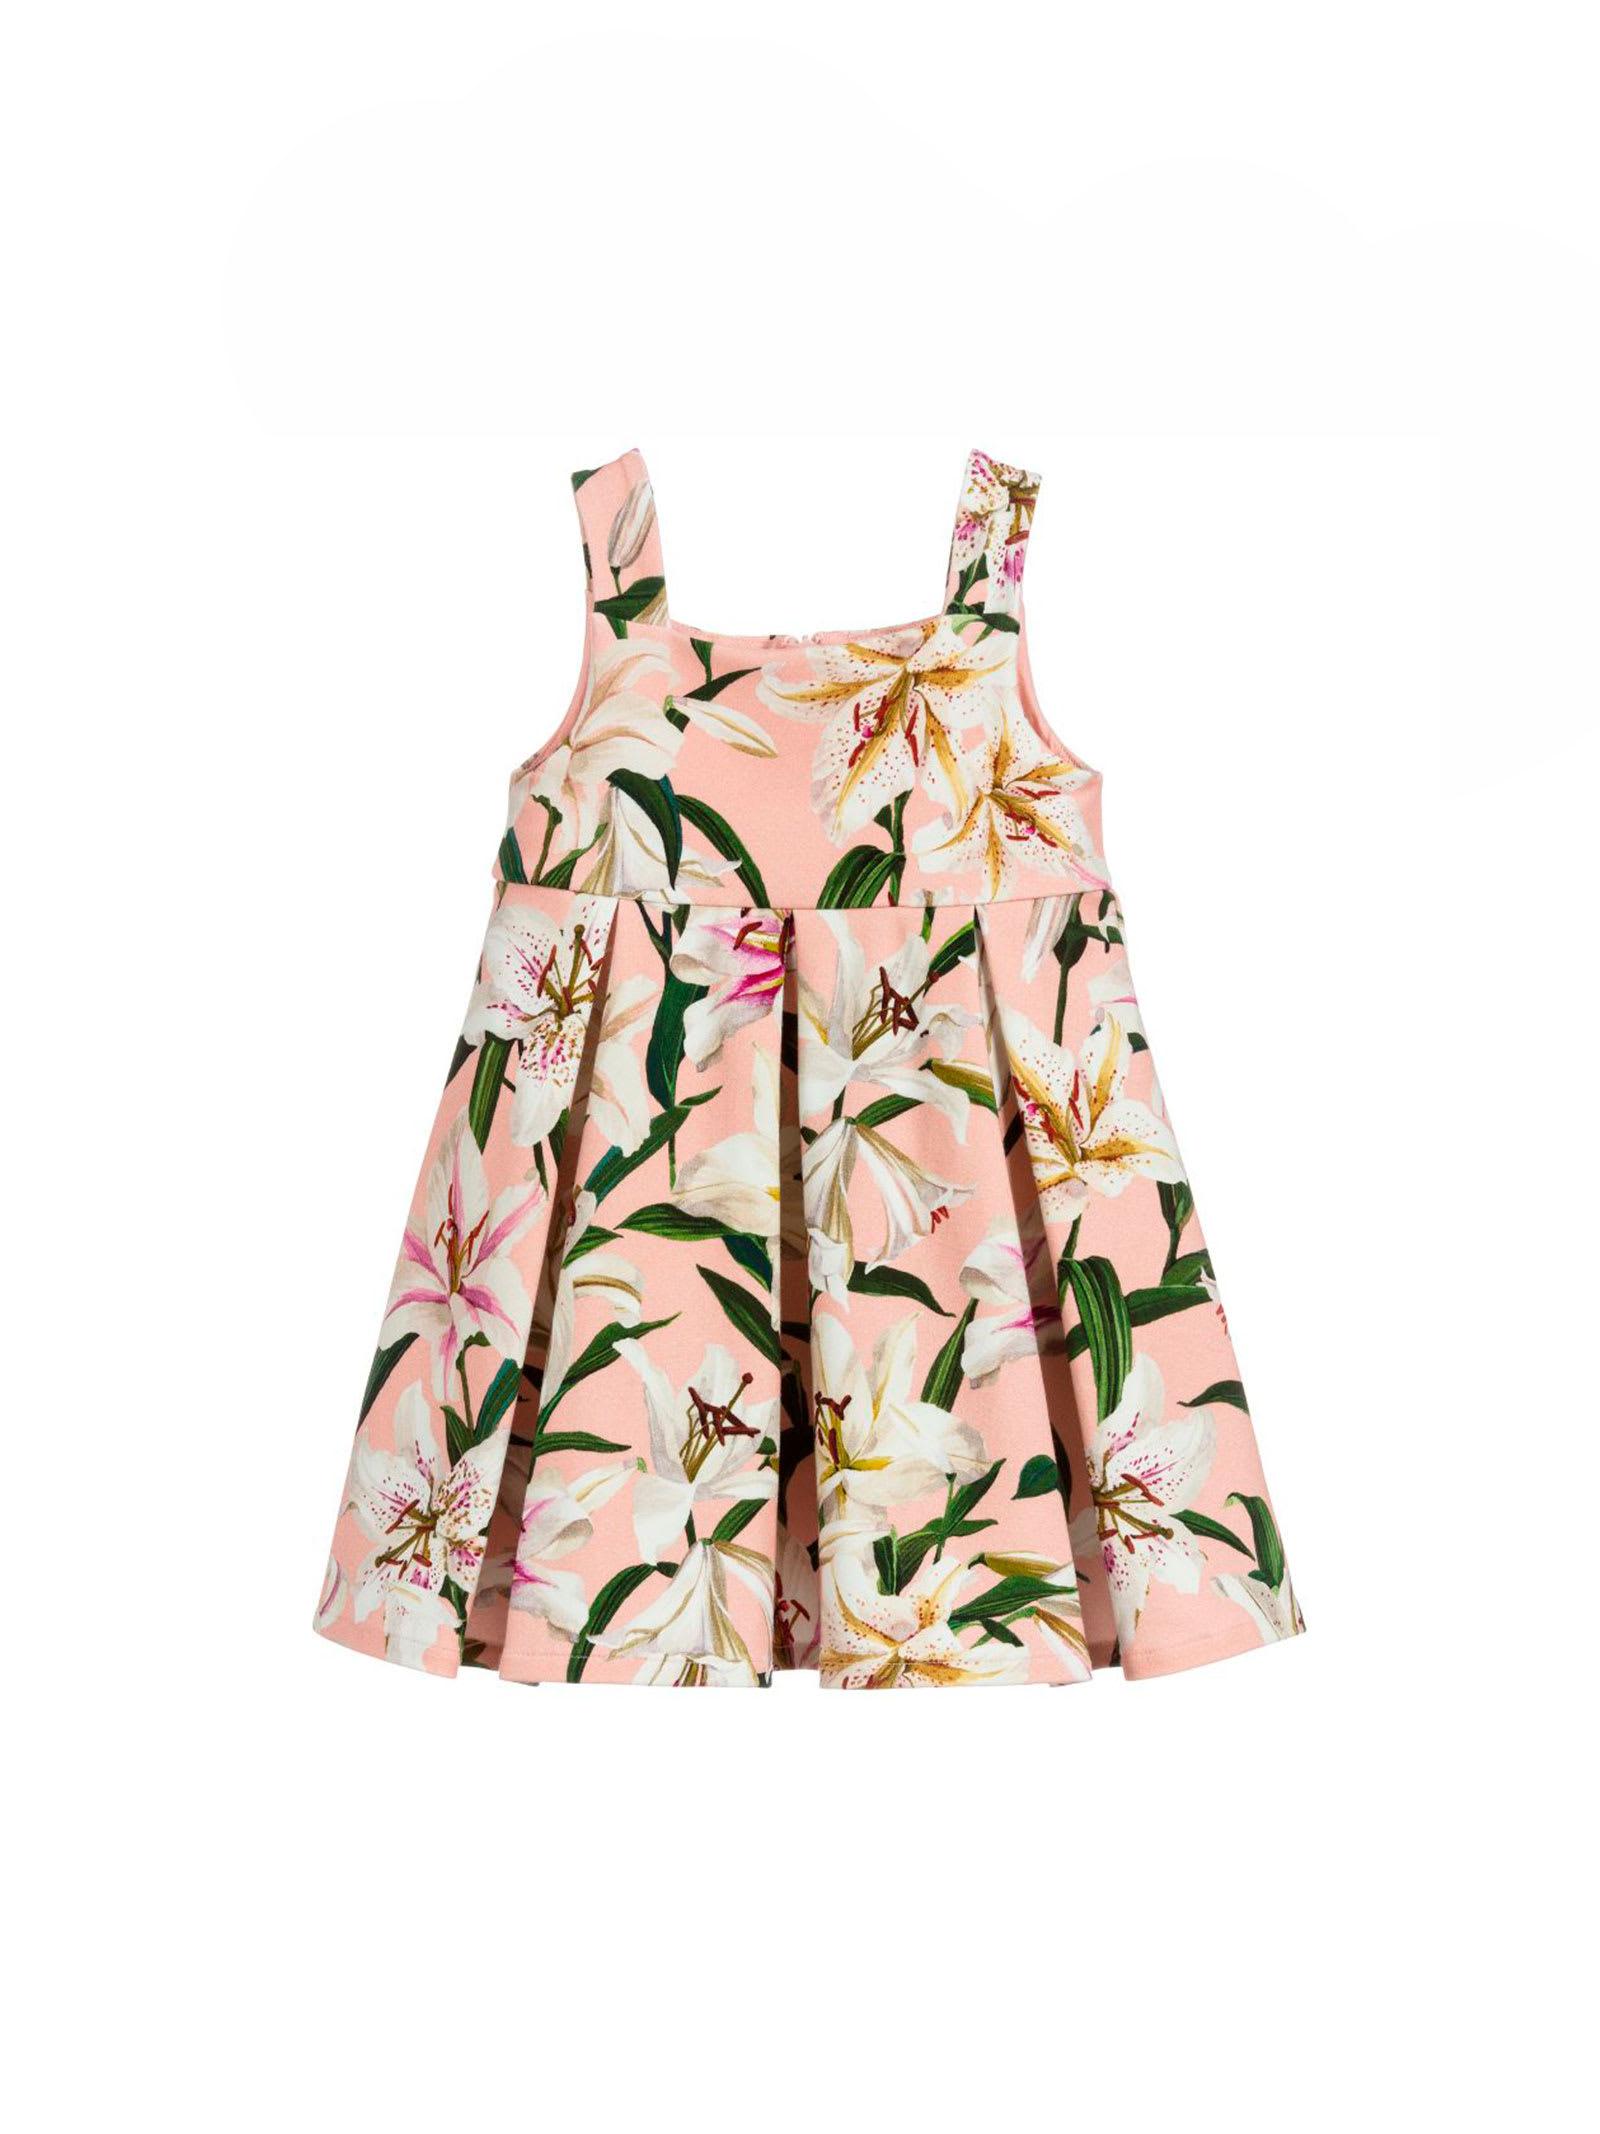 Dolce & Gabbana Dolce E Gabbana Kids Pink Baby Dress